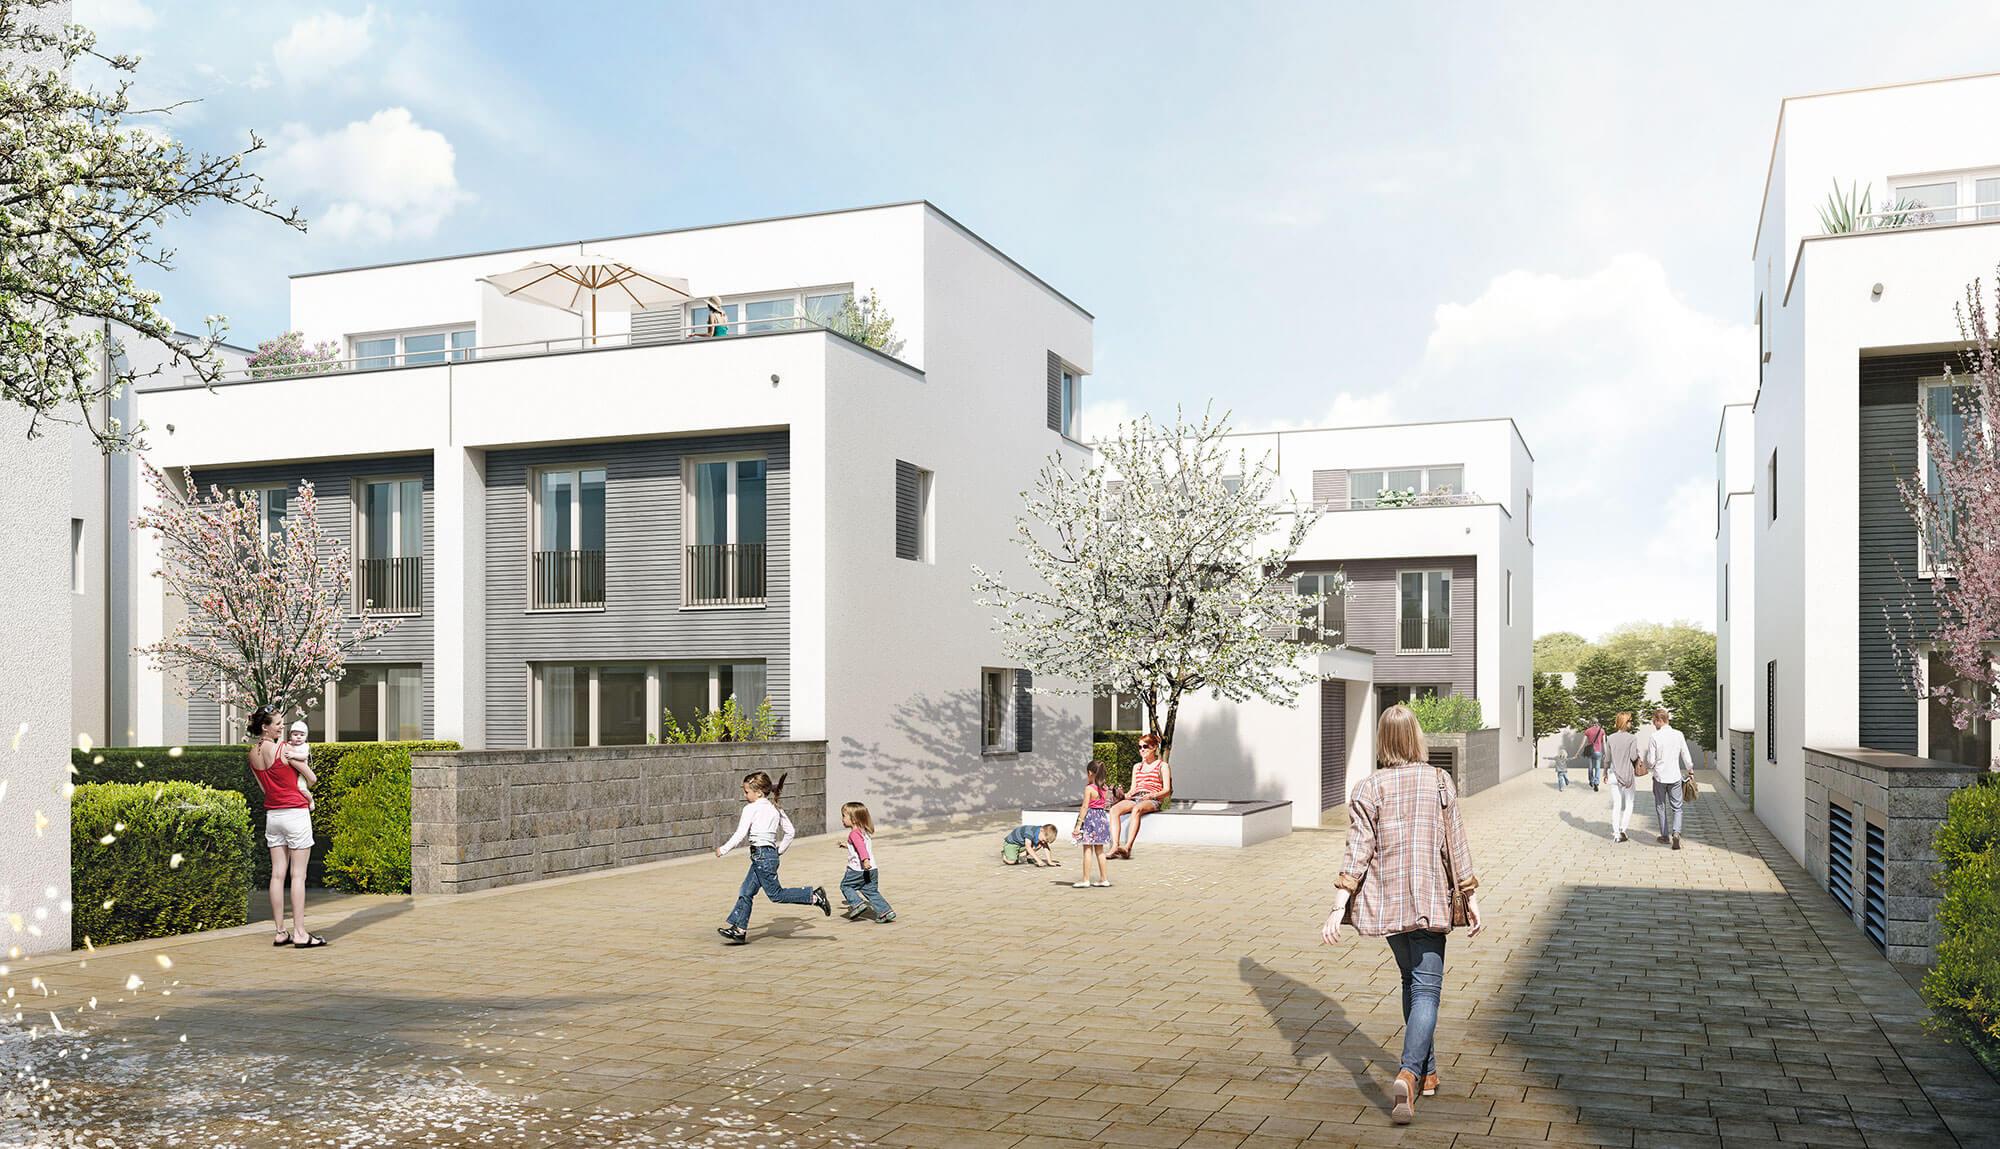 Gartenstadthäuser Visualisierung